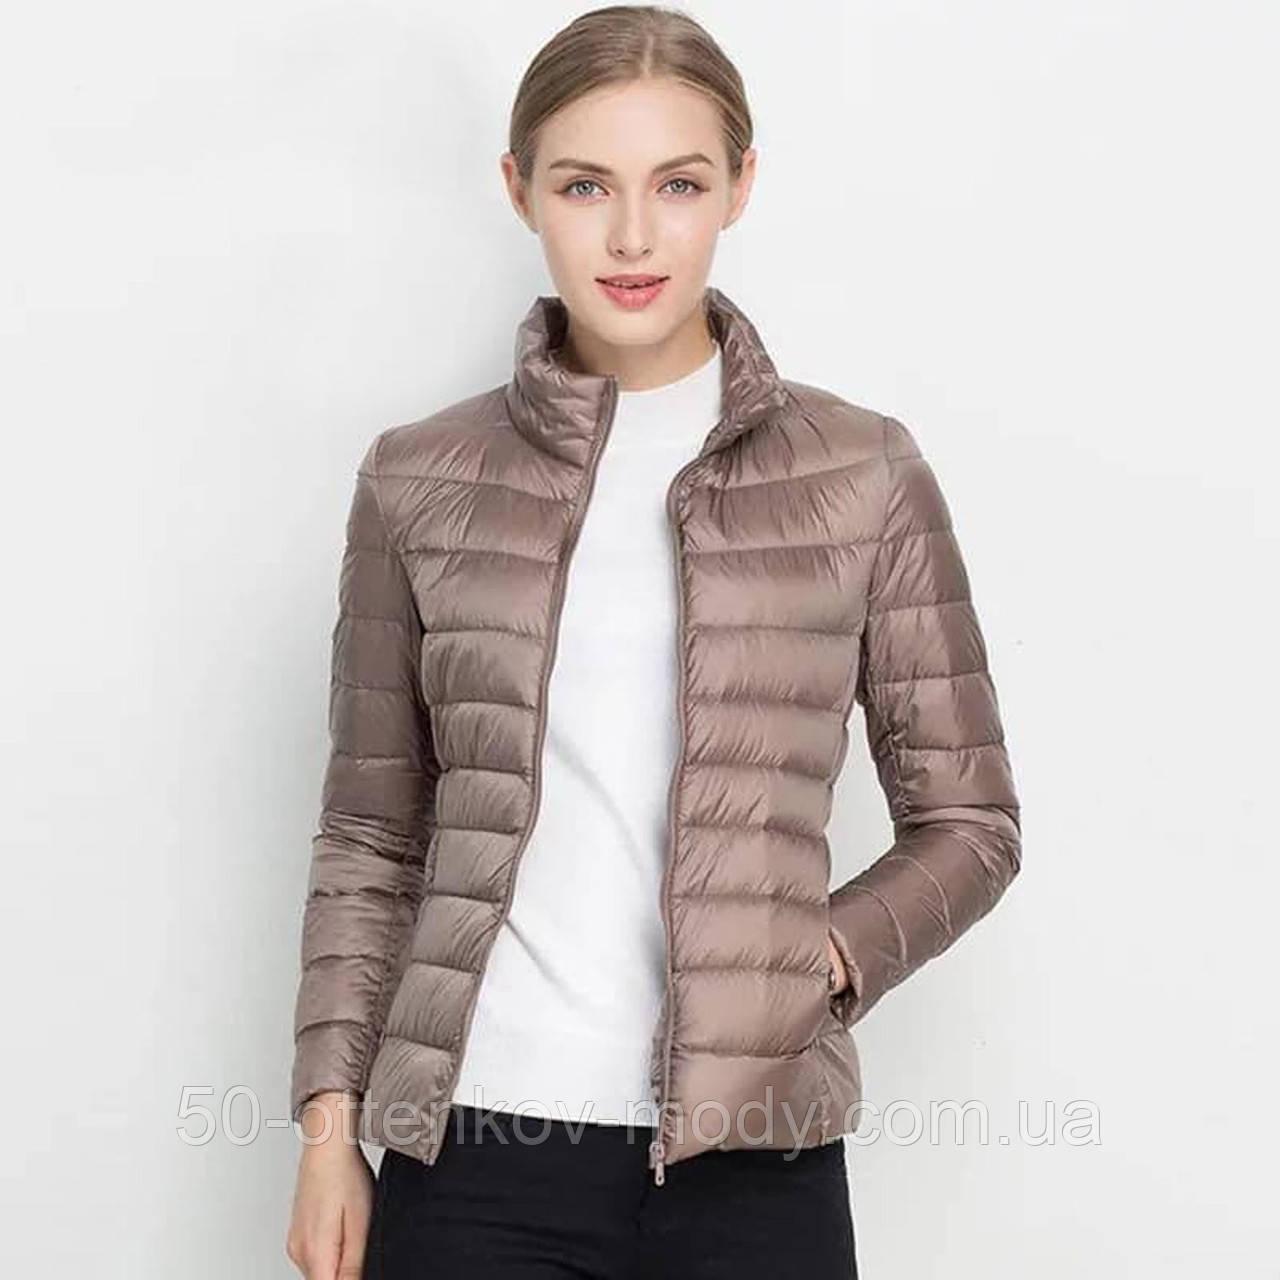 Женская демисезонная куртка Шанель норма и батал в расцветках